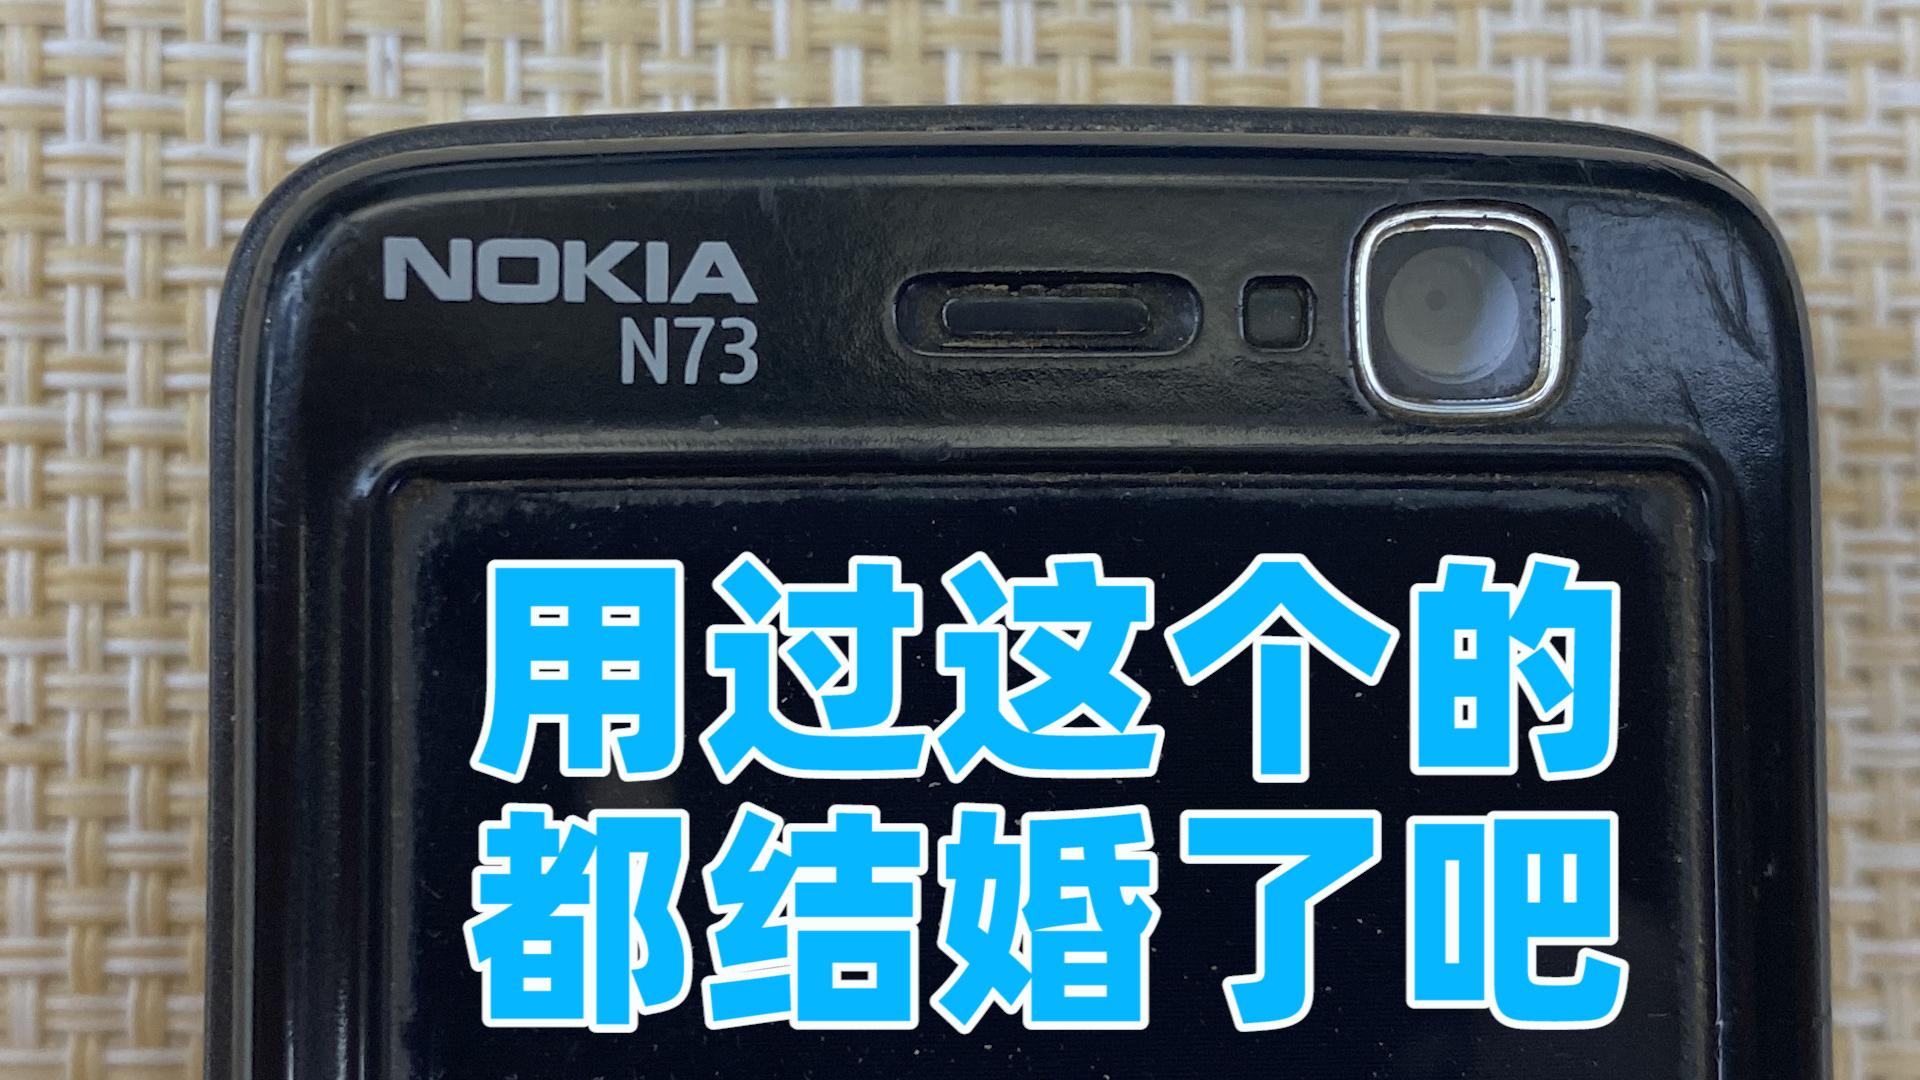 拆解诺基亚N73,曾用它和女朋友聊过QQ的请打1